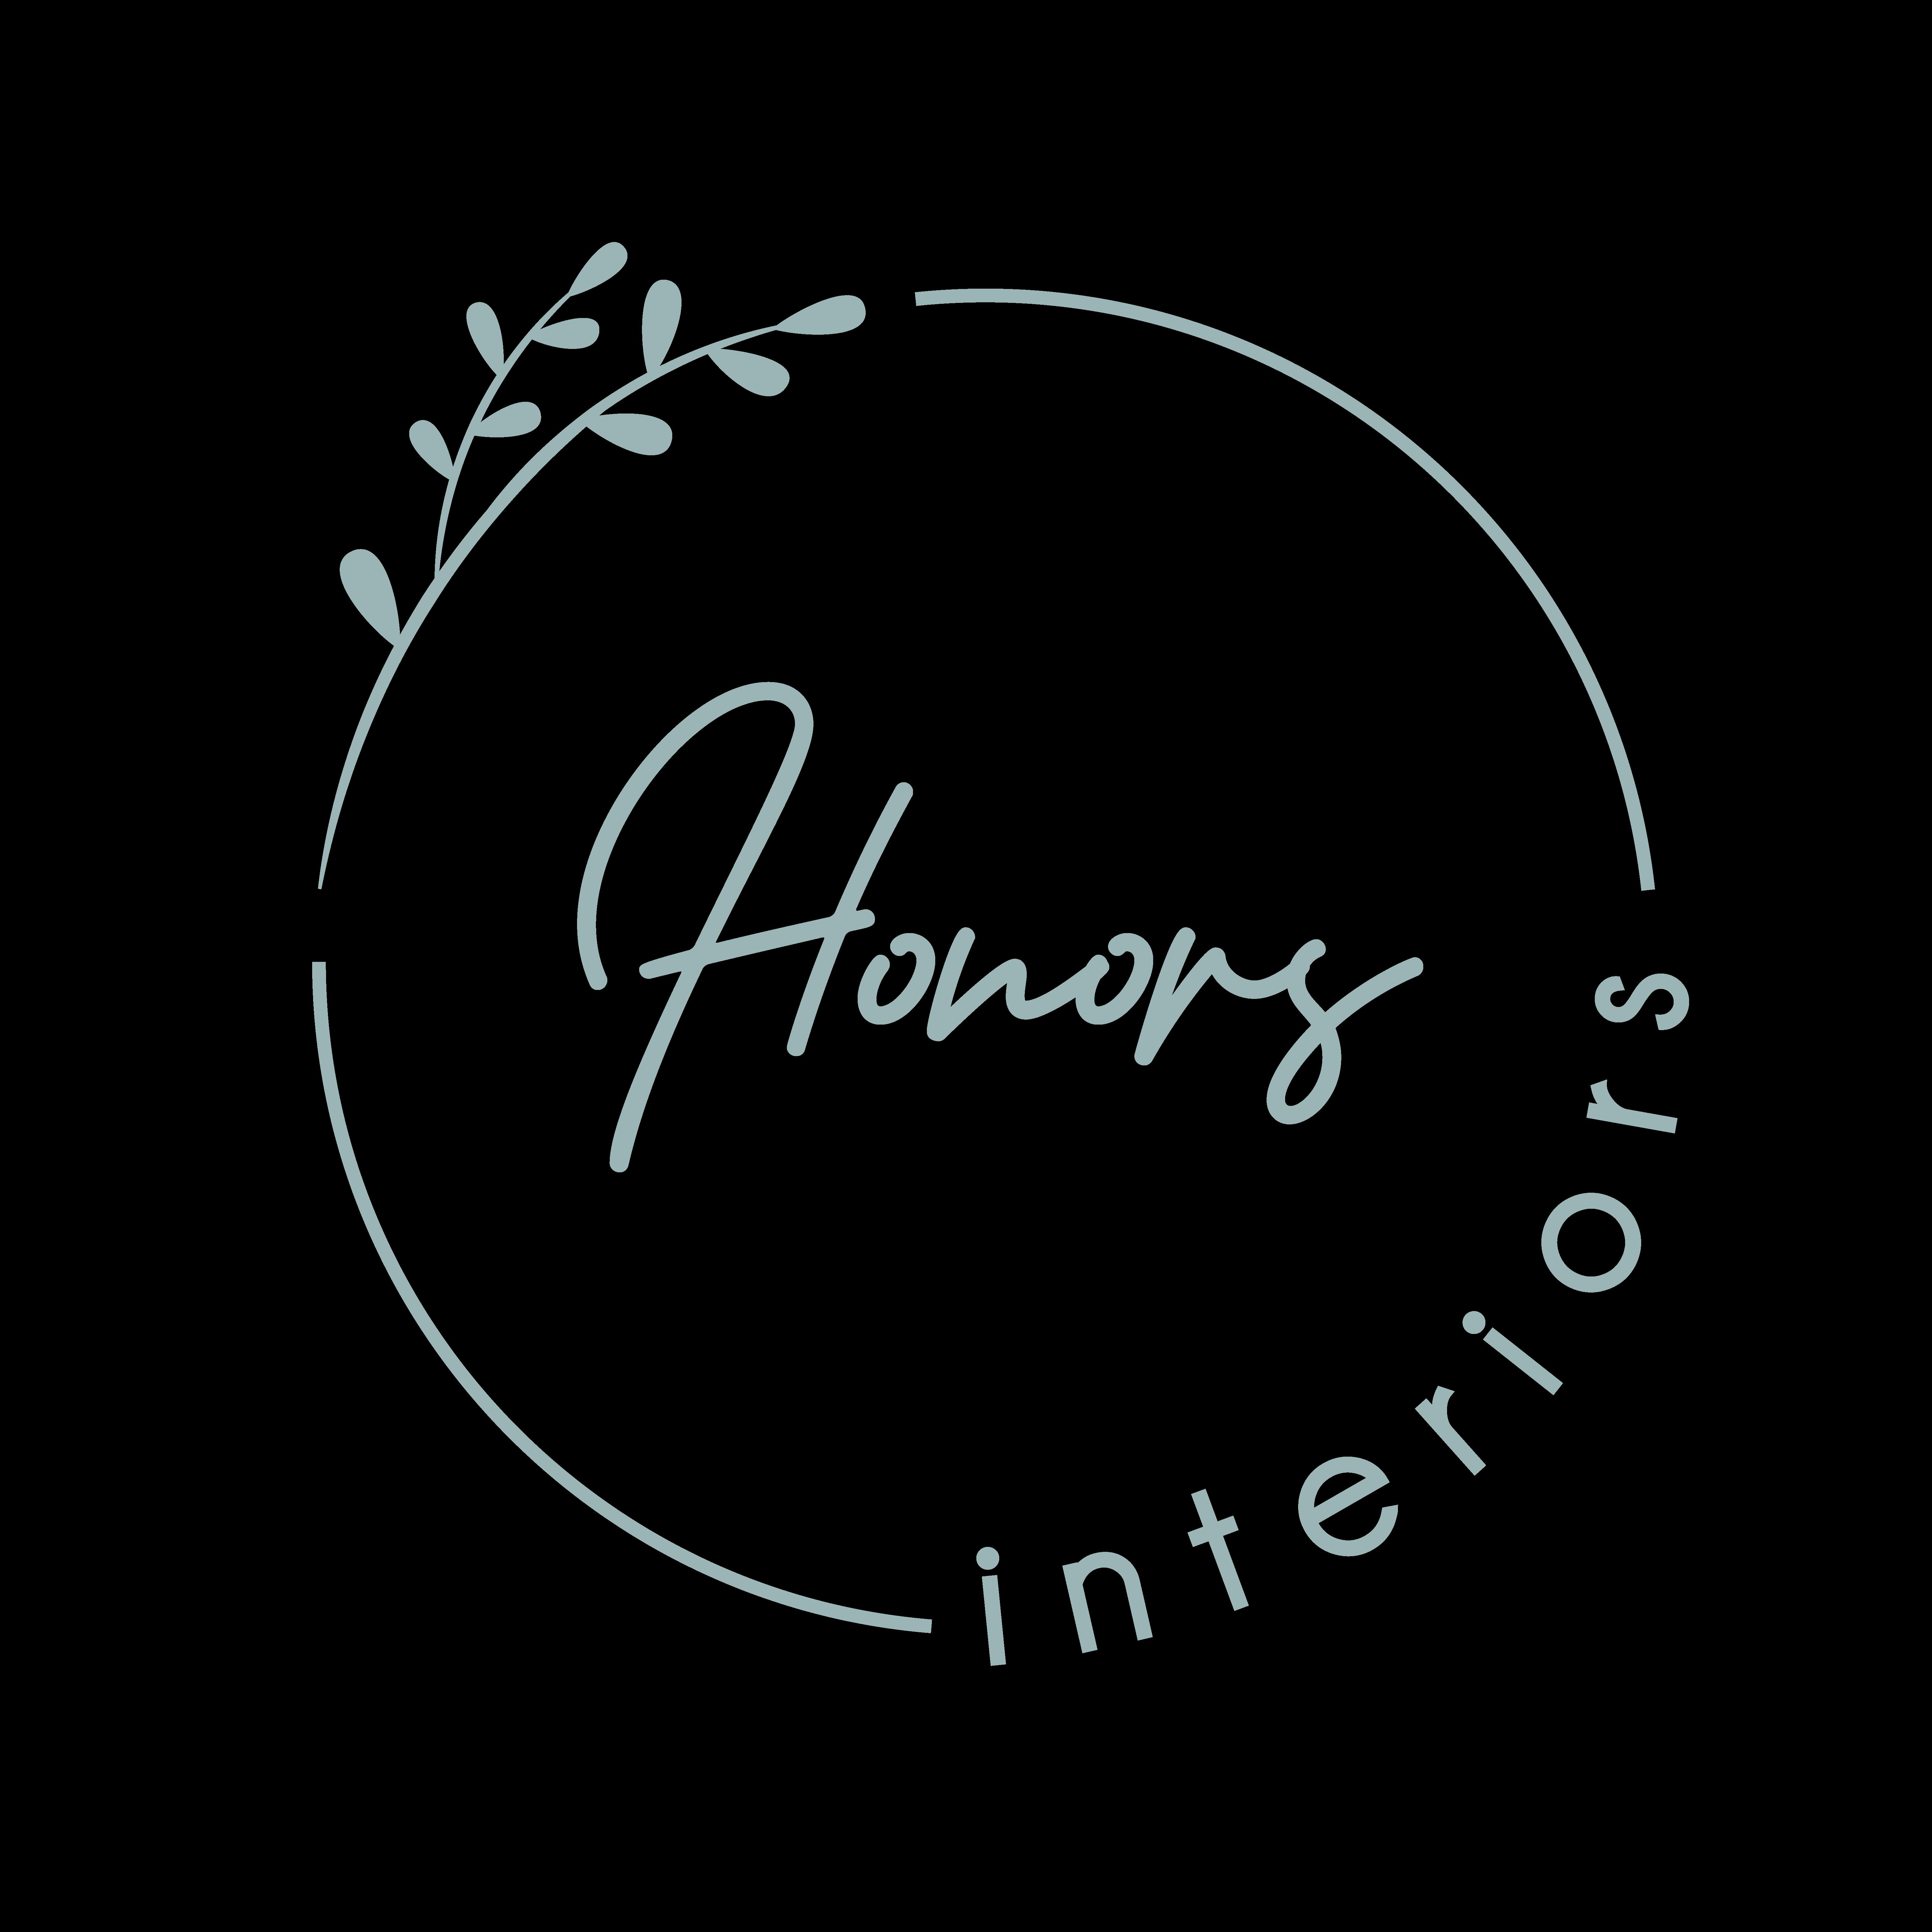 Honors Interiors LLC logo